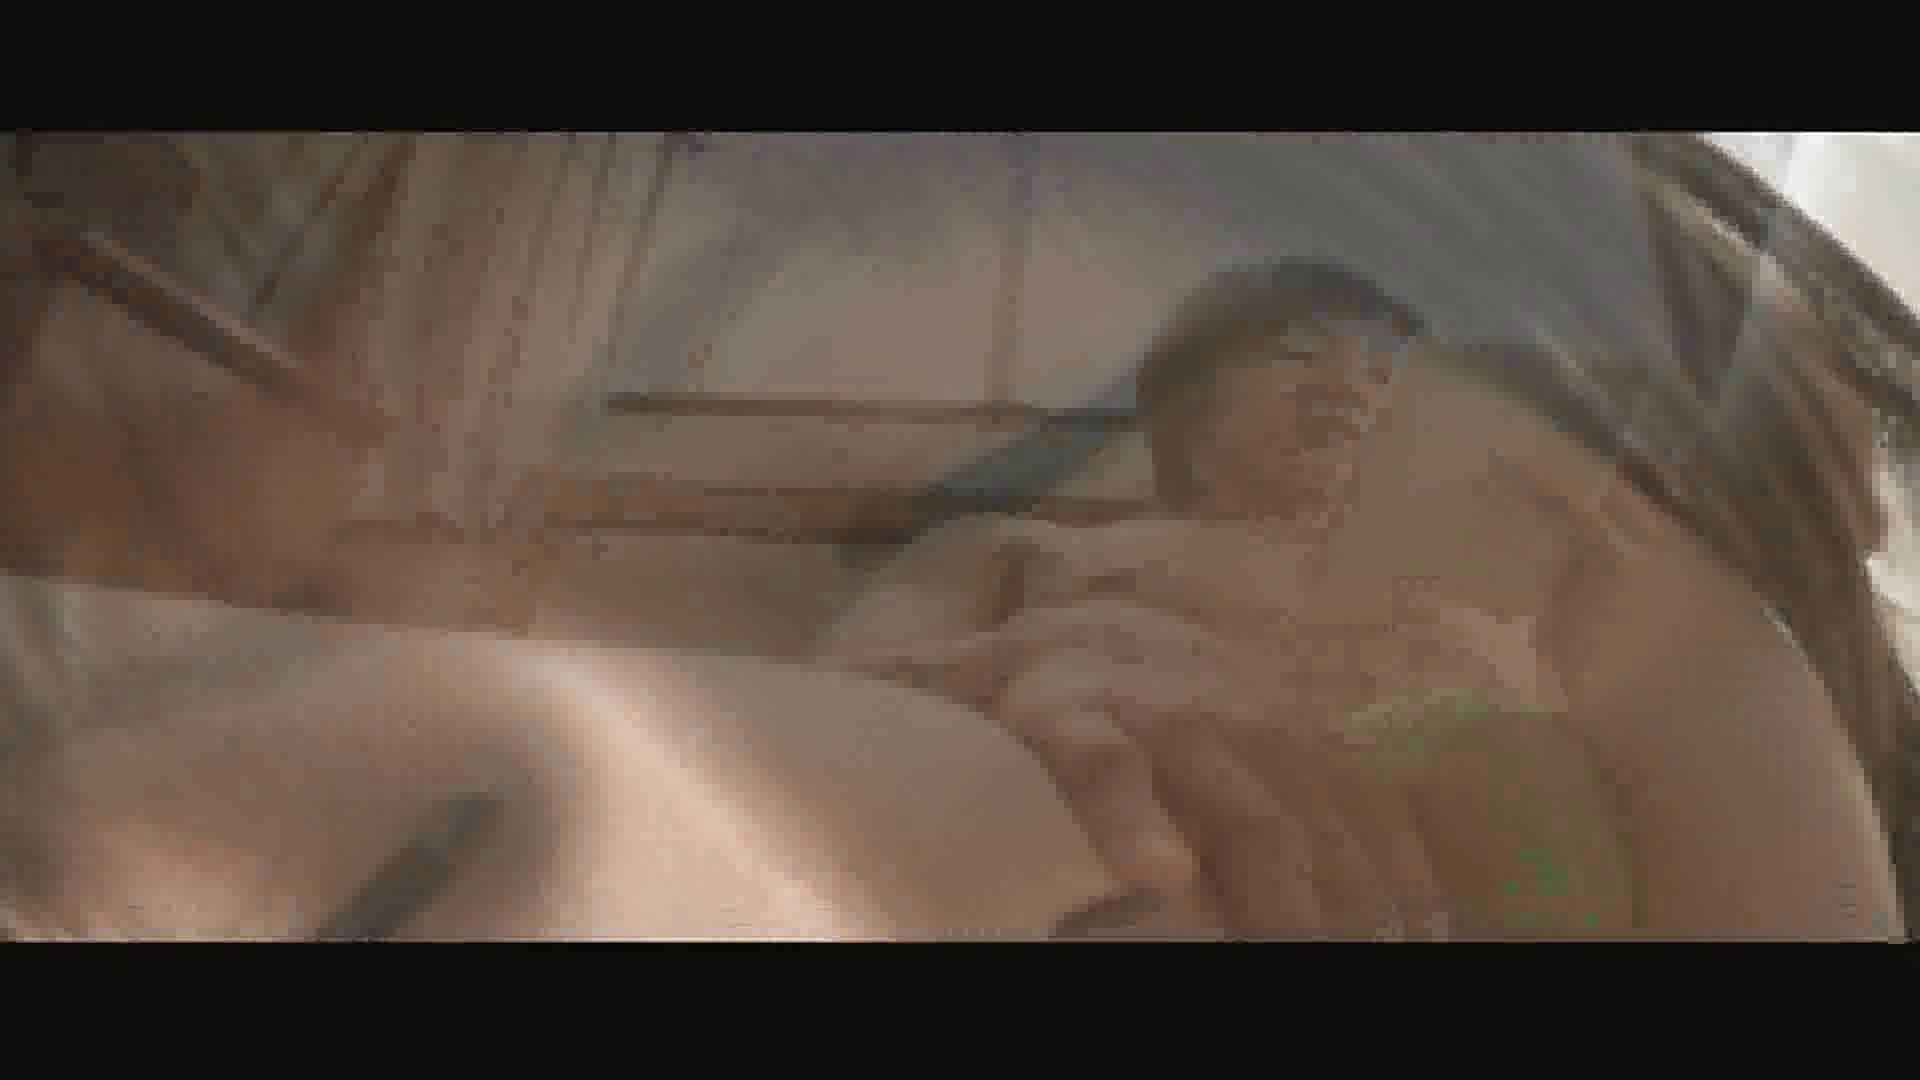 色白イケメン君のセクシーパラダイスムービーショー後編 おもちゃ ゲイ無修正画像 60連発 44